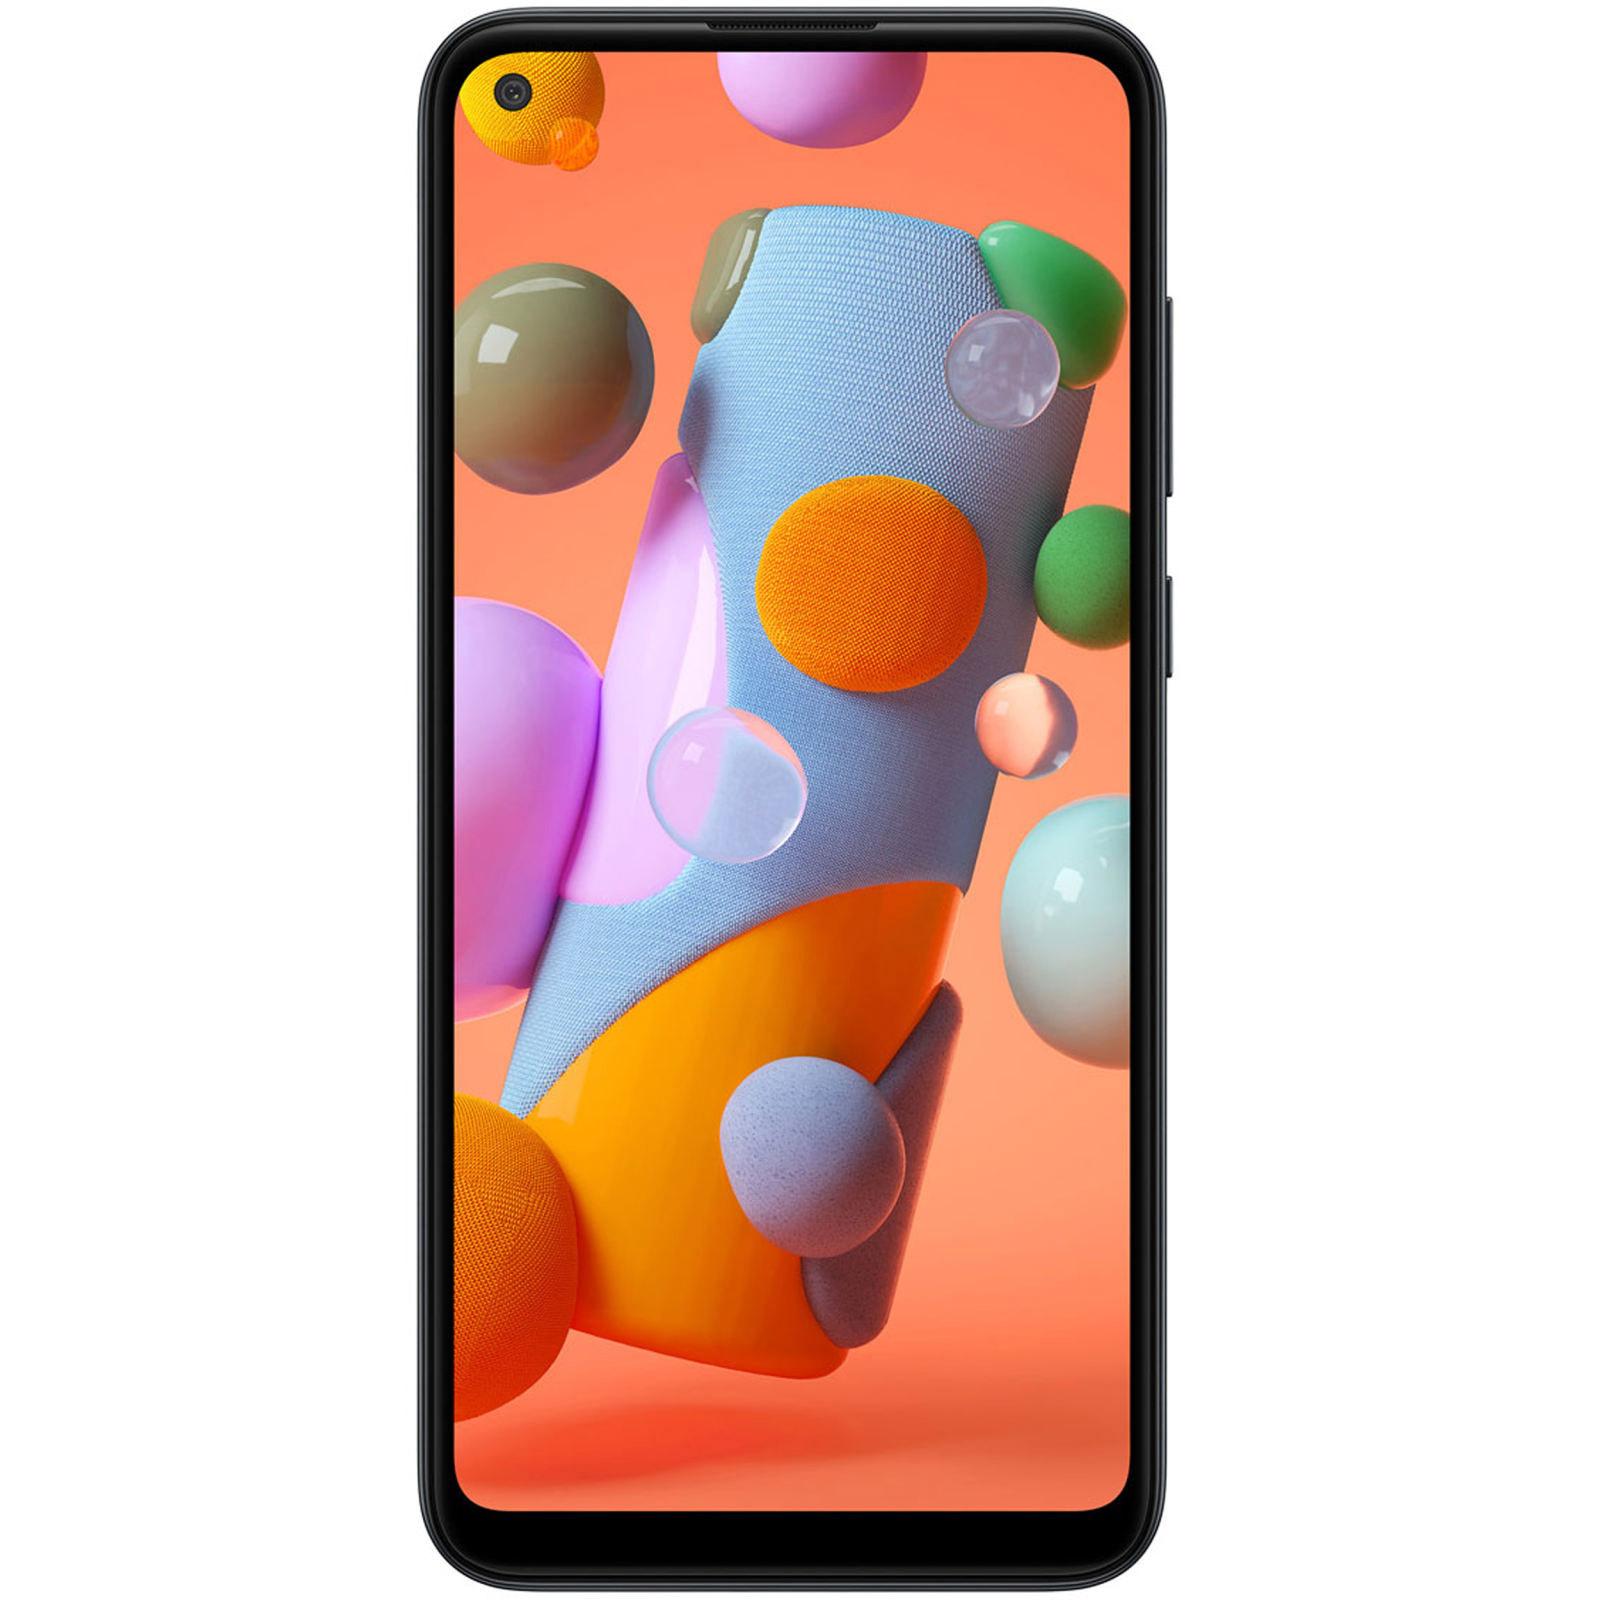 فروش نقدی و اقساطی گوشی موبایل سامسونگ مدل Galaxy A11 SM-A115F/DS دو سیم کارت ظرفیت 32 گیگابایت